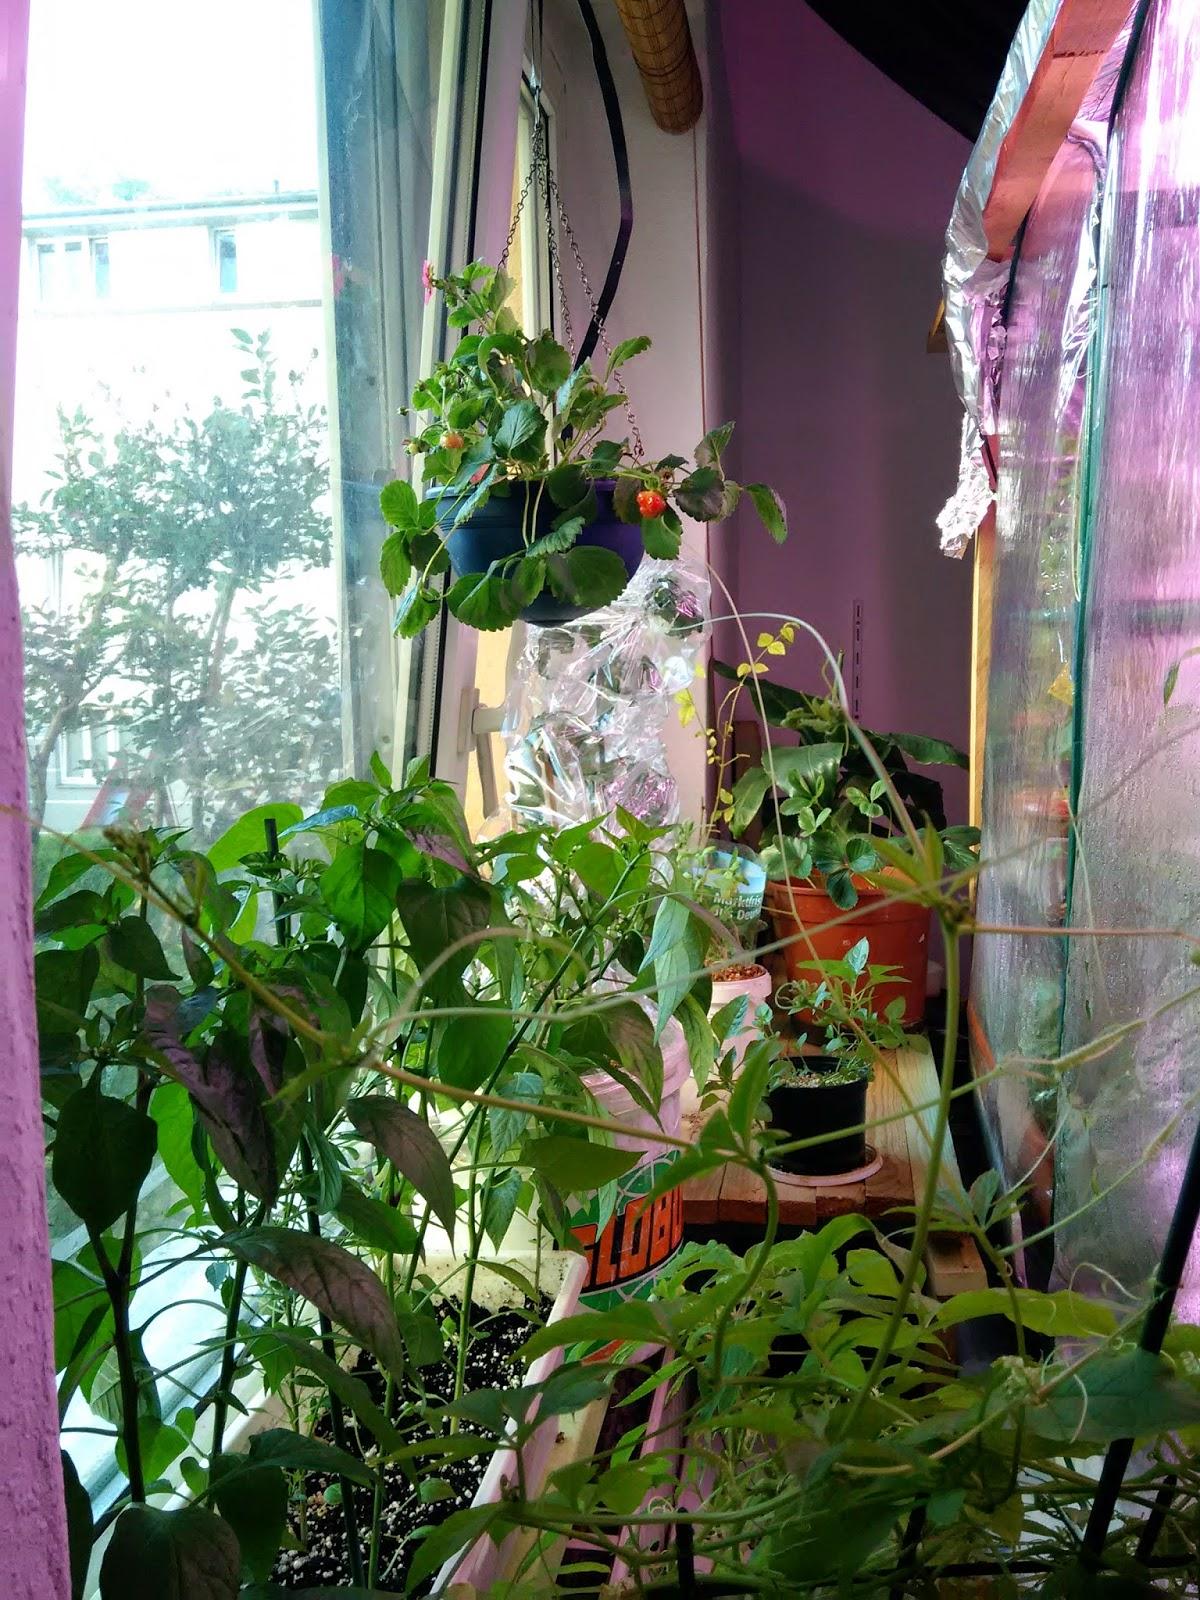 selbstversorgung exotische einheimische pflanzen im zimmer und garten neues aus dem. Black Bedroom Furniture Sets. Home Design Ideas